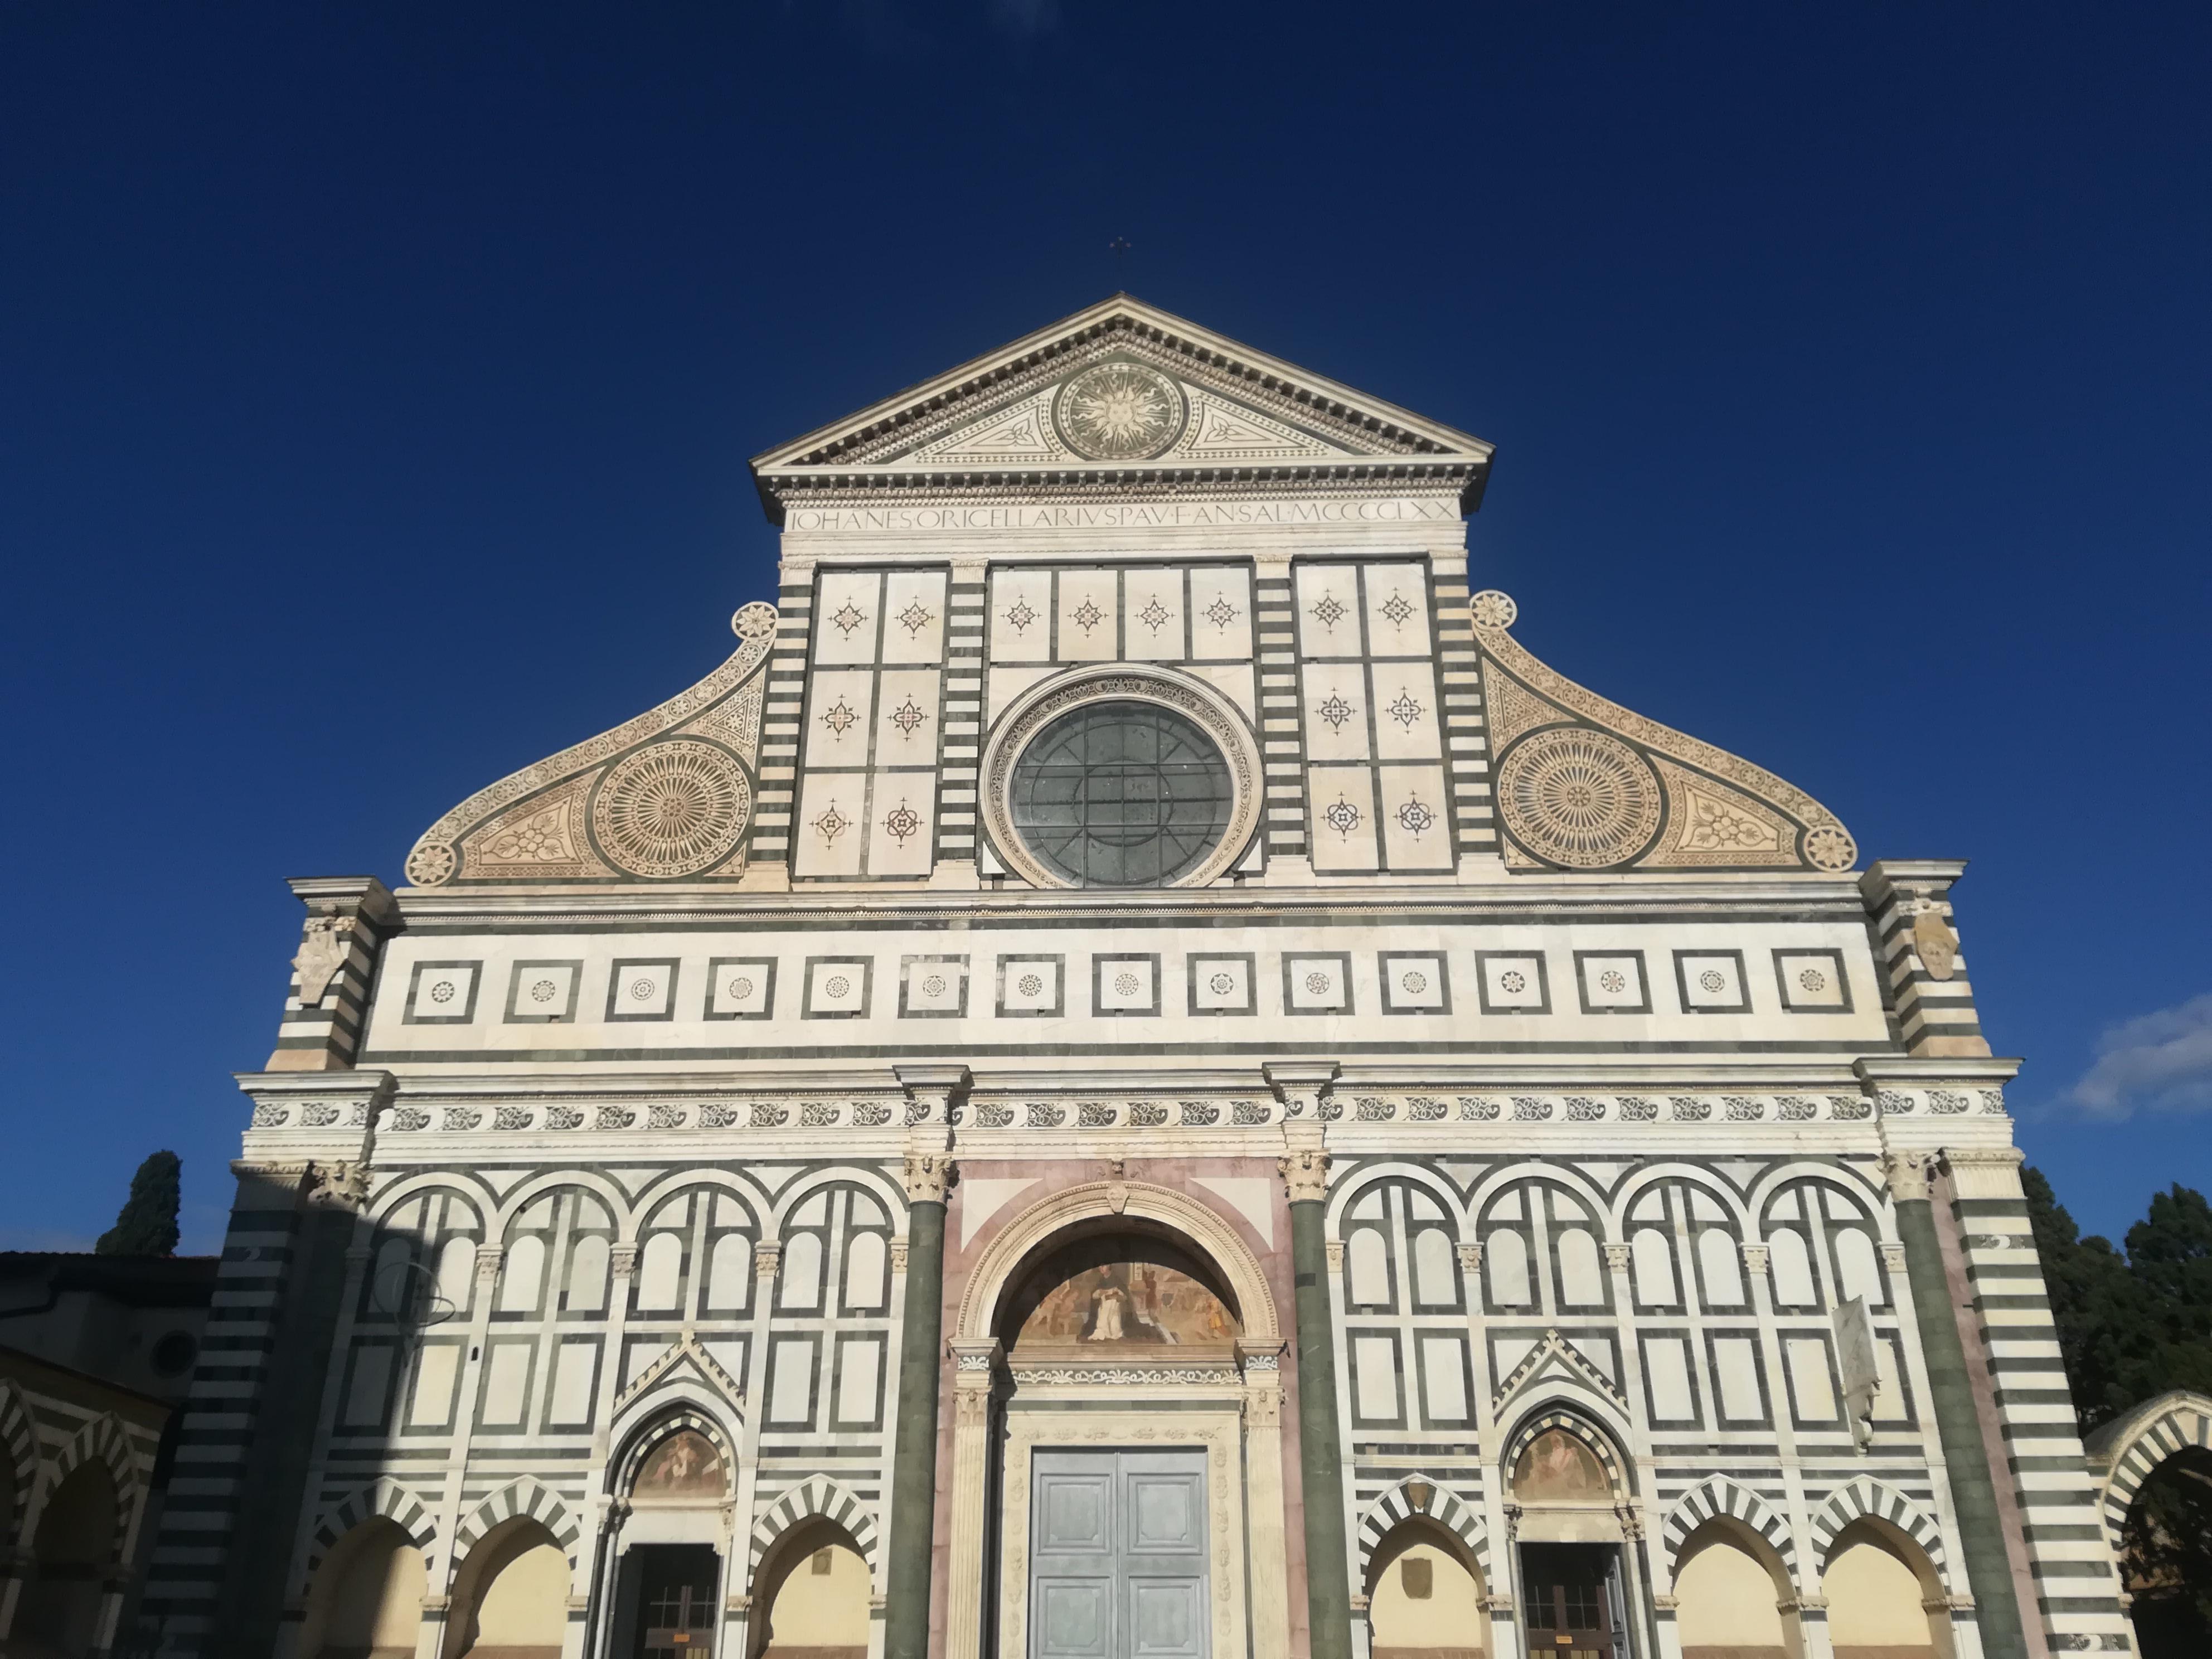 Facciata di una chiesa molto importante a Firenze